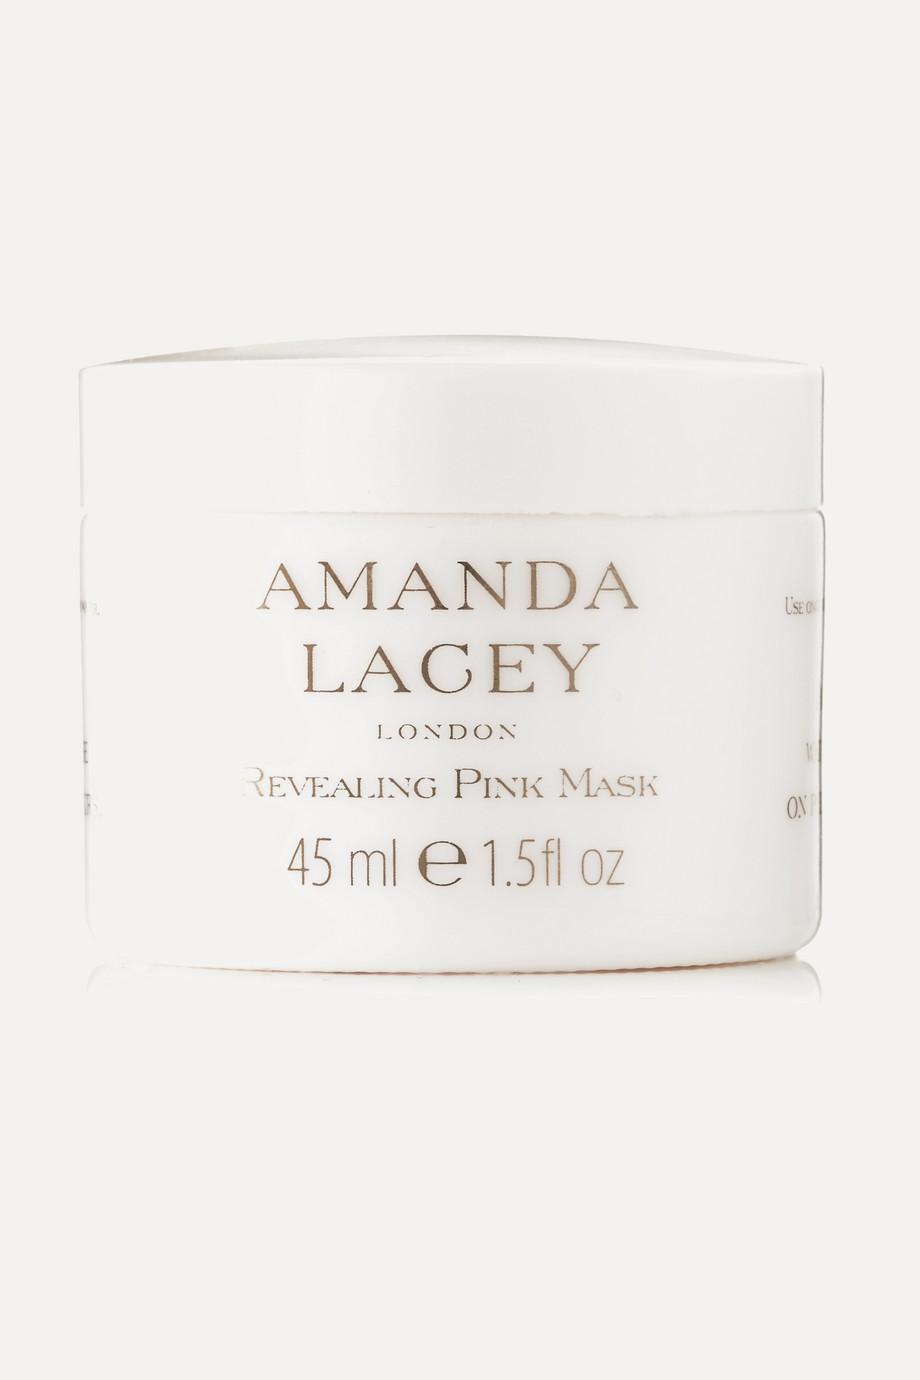 Amanda Lacey Revealing Pink Mask, 45ml